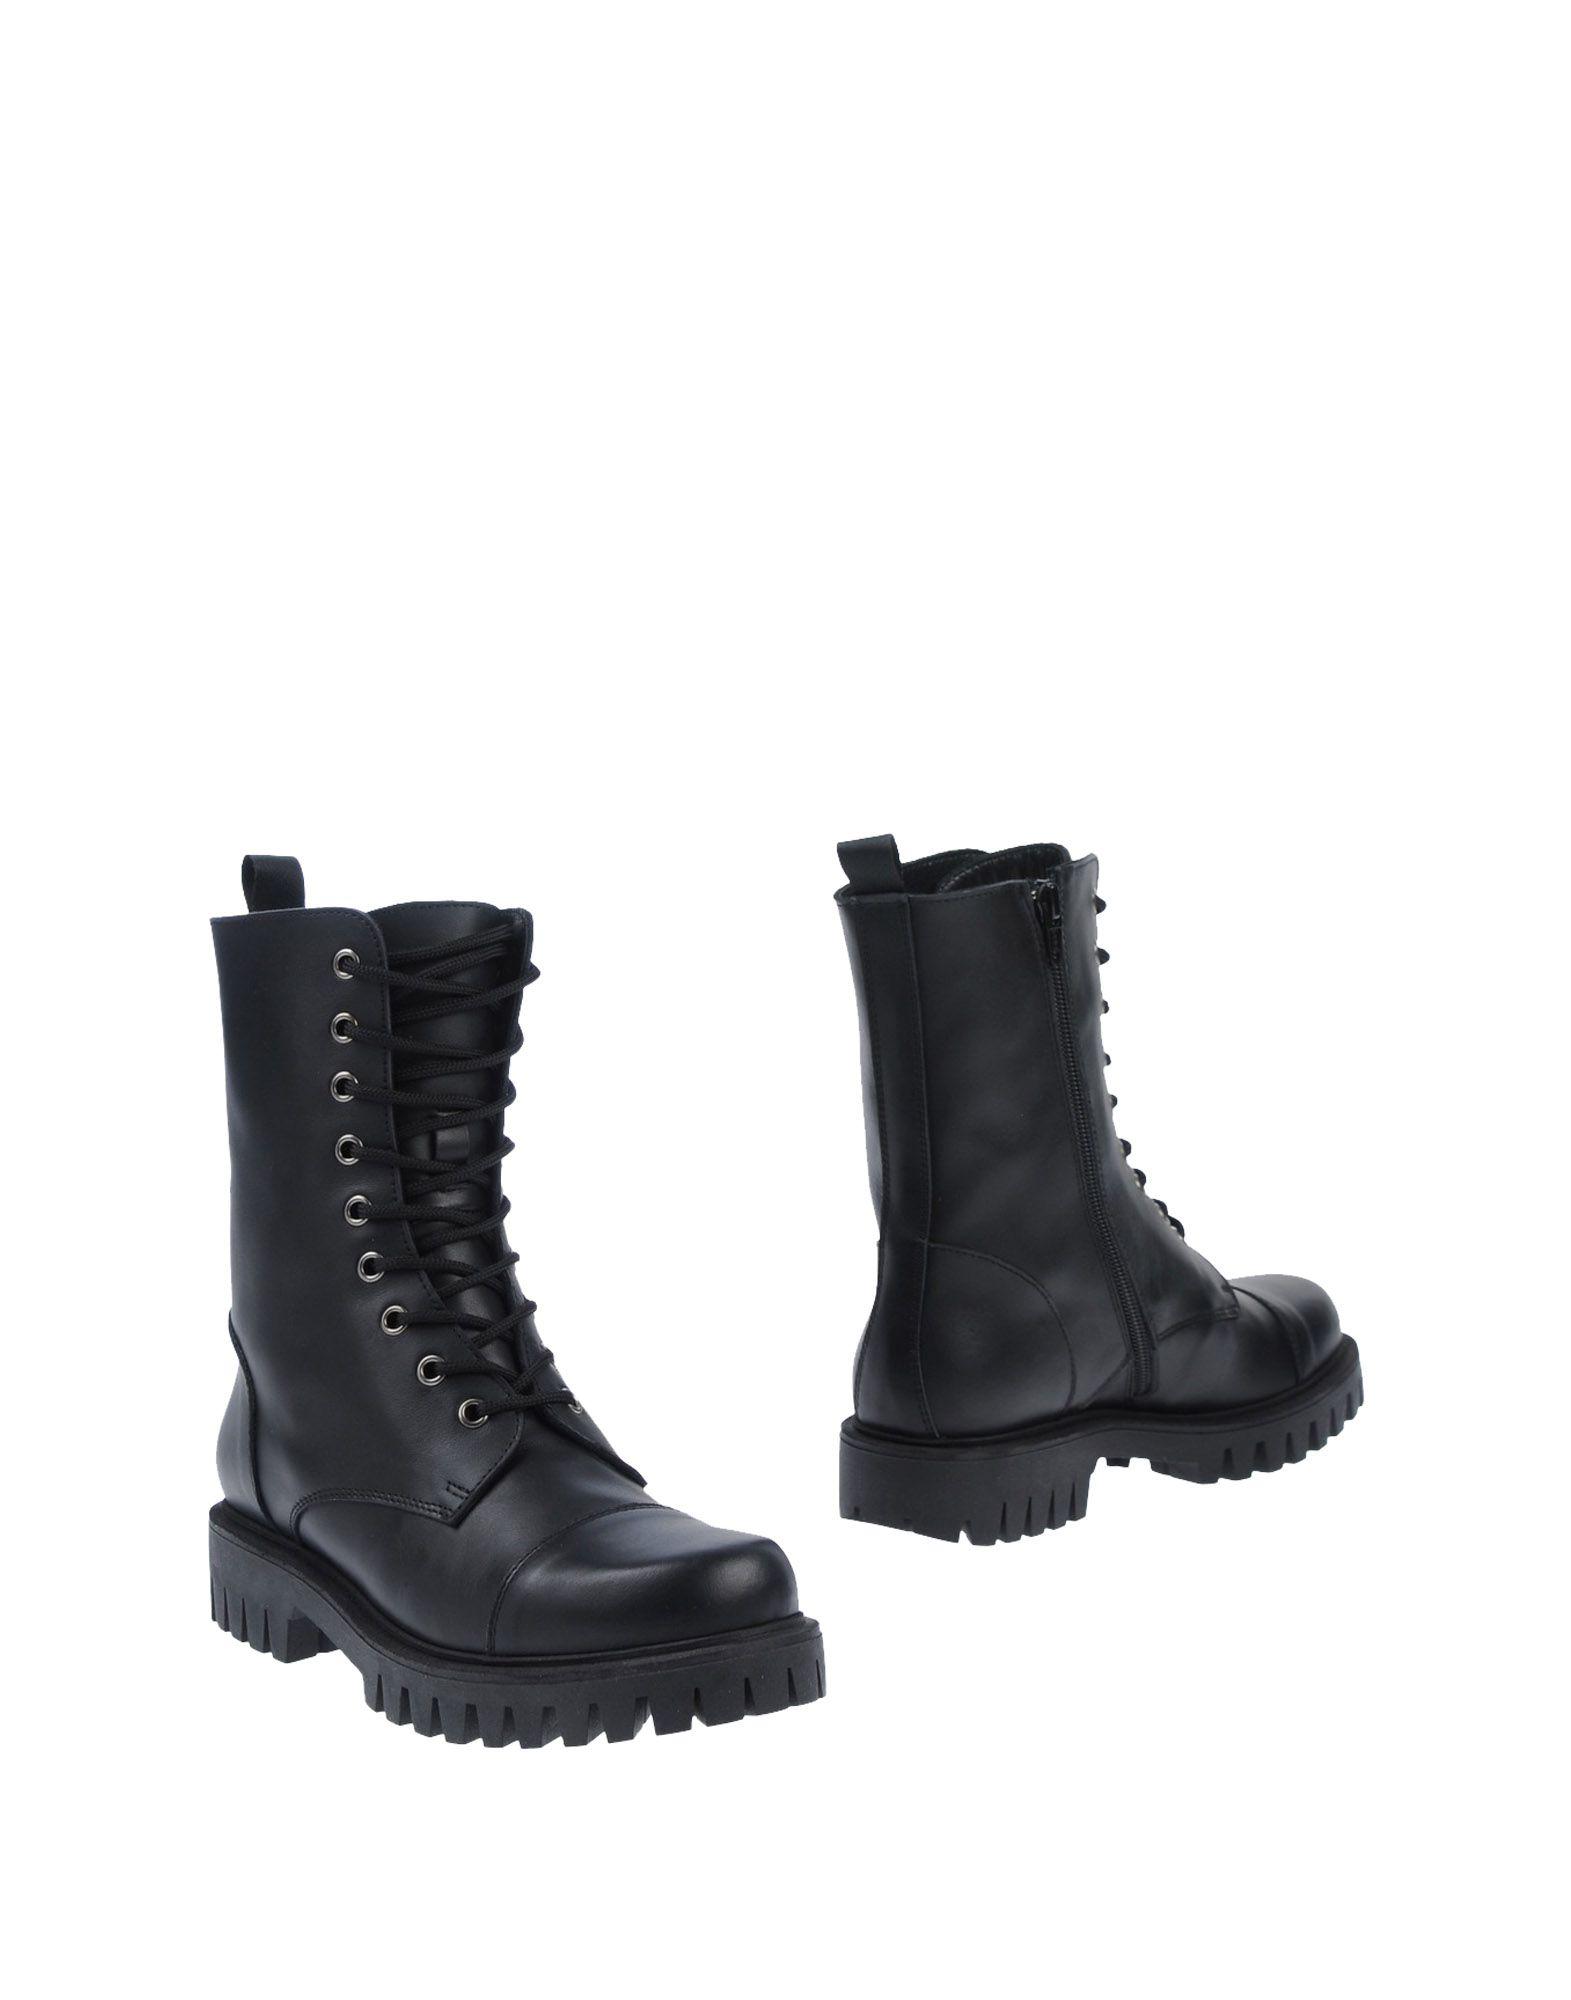 Mauro Fedeli Stiefelette Damen beliebte  11507703AJ Gute Qualität beliebte Damen Schuhe fab798